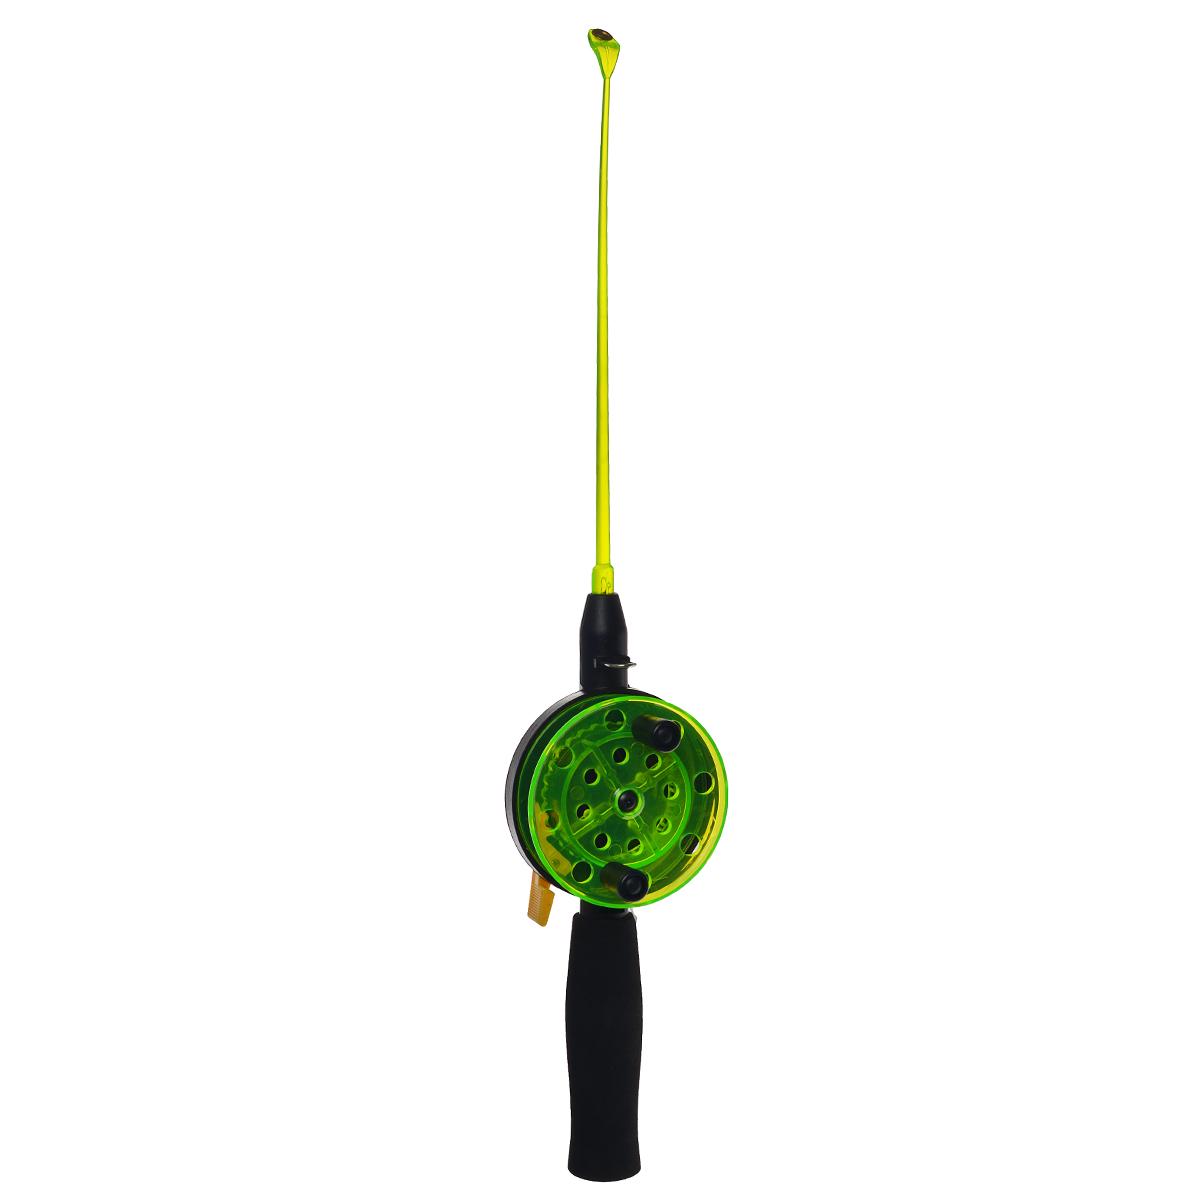 Удочка зимняя SWD HR201, цвет: черный, зеленый, 40 см2116-210SETЗимняя удочка SWD HR201 с открытой катушкой диаметром 76 мм и клавишным стопором. Оснащена пластиковым хлыстом длиной 20 см с тюльпаном на конце. Ручка длиной 100 мм выполнена из неопрена.